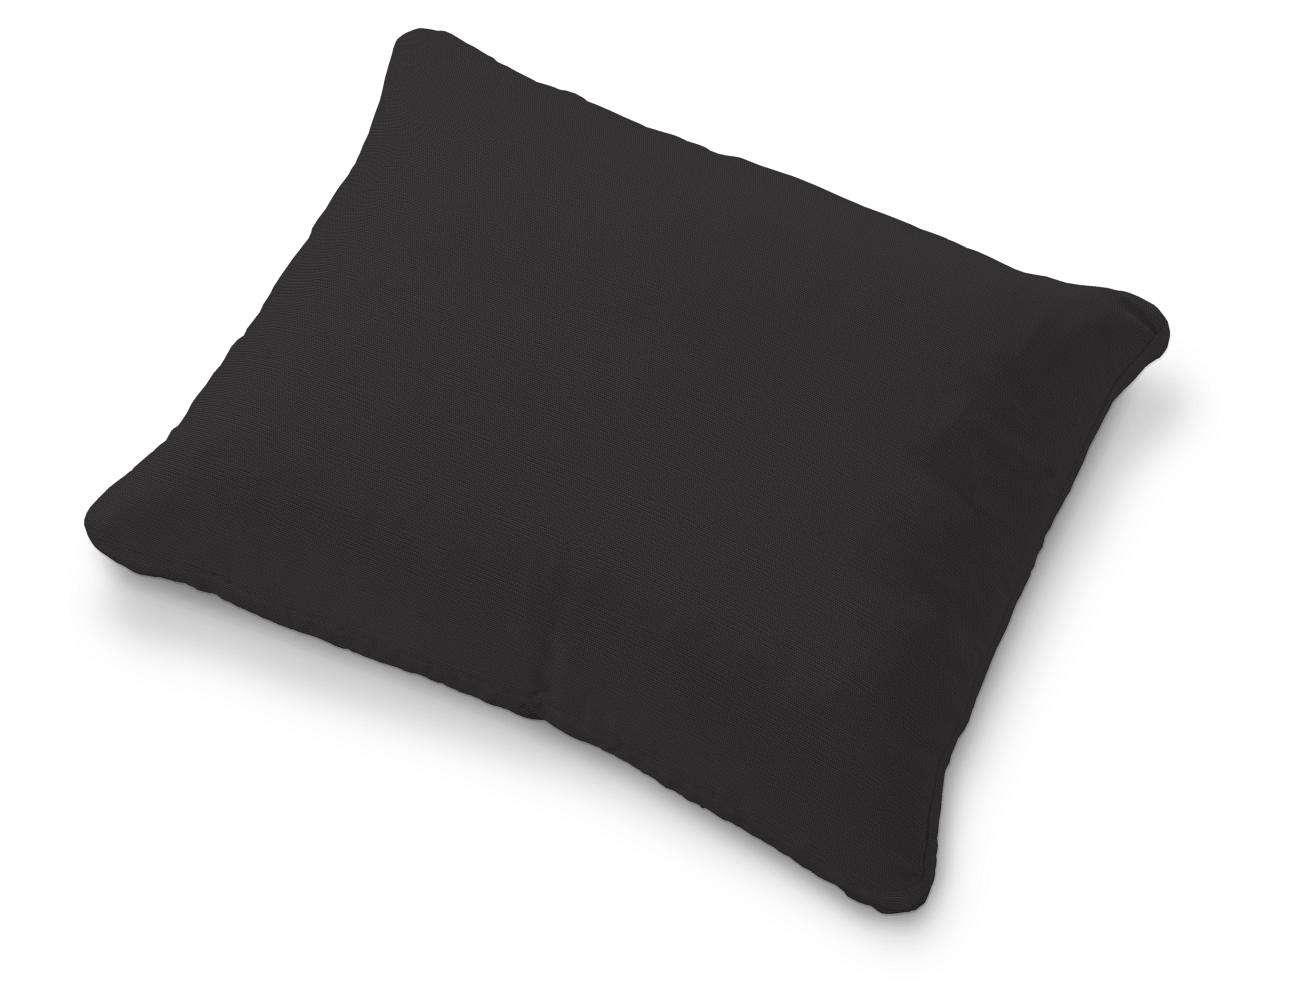 Poszewka na poduszkę Karlstad 58x48cm poduszka Karlstad 58x48cm w kolekcji Cotton Panama, tkanina: 702-08